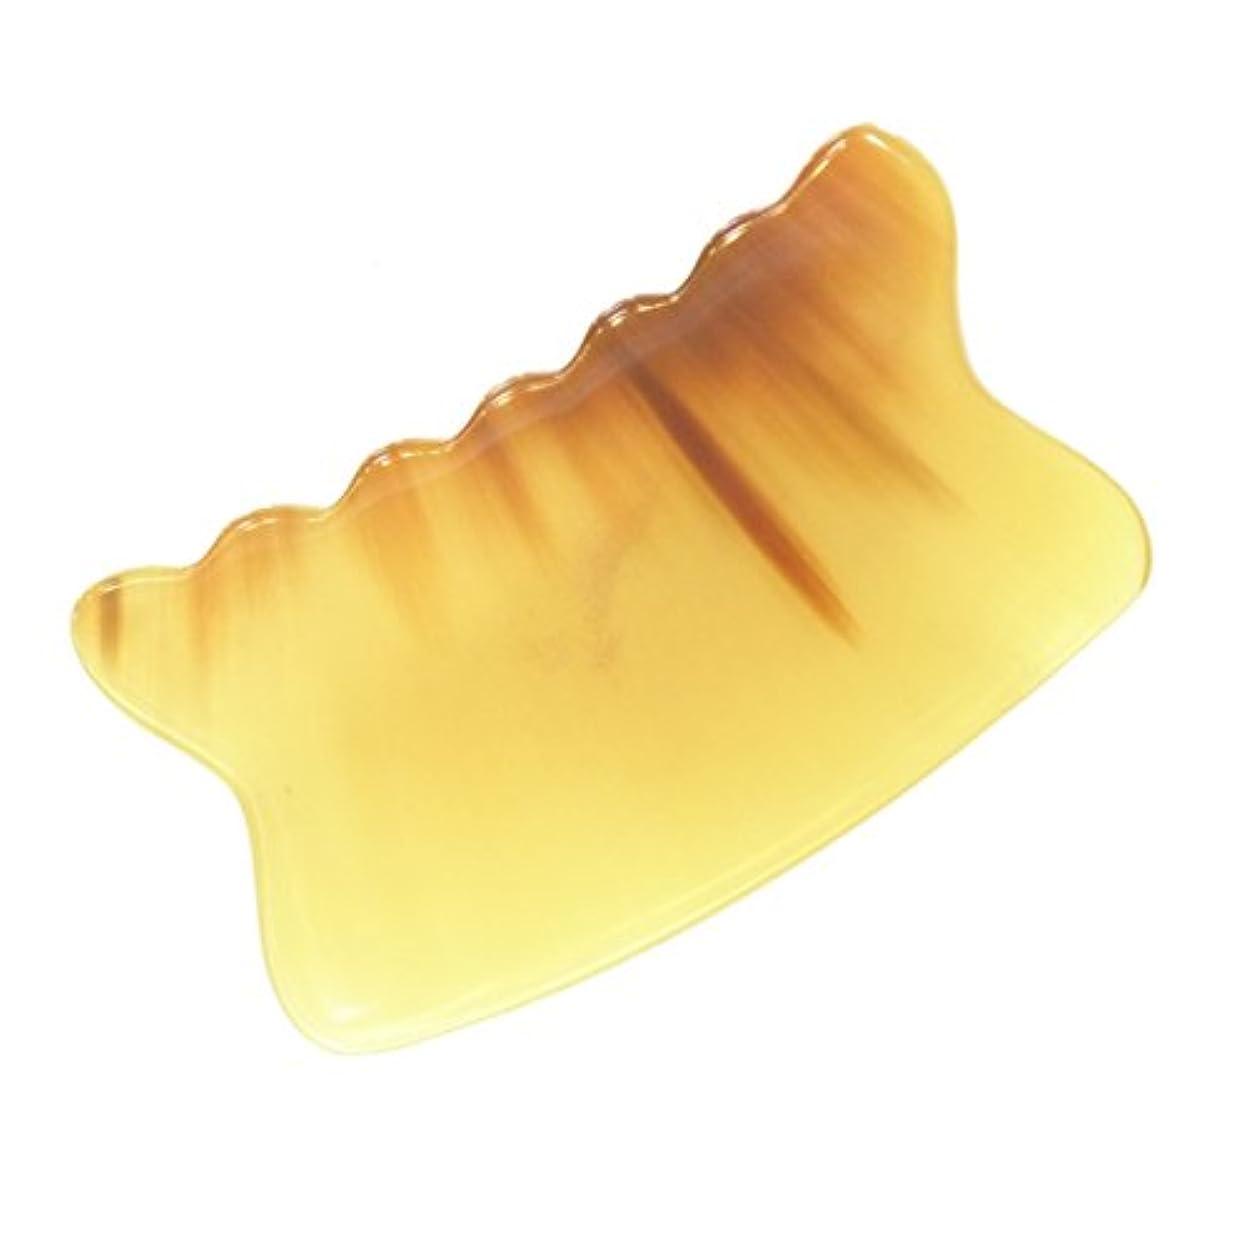 ロータリー未亡人豆かっさ プレート 厚さが選べる 水牛の角(黄水牛角) EHE226SP 曲波型 特級品 厚め(6ミリ程度)